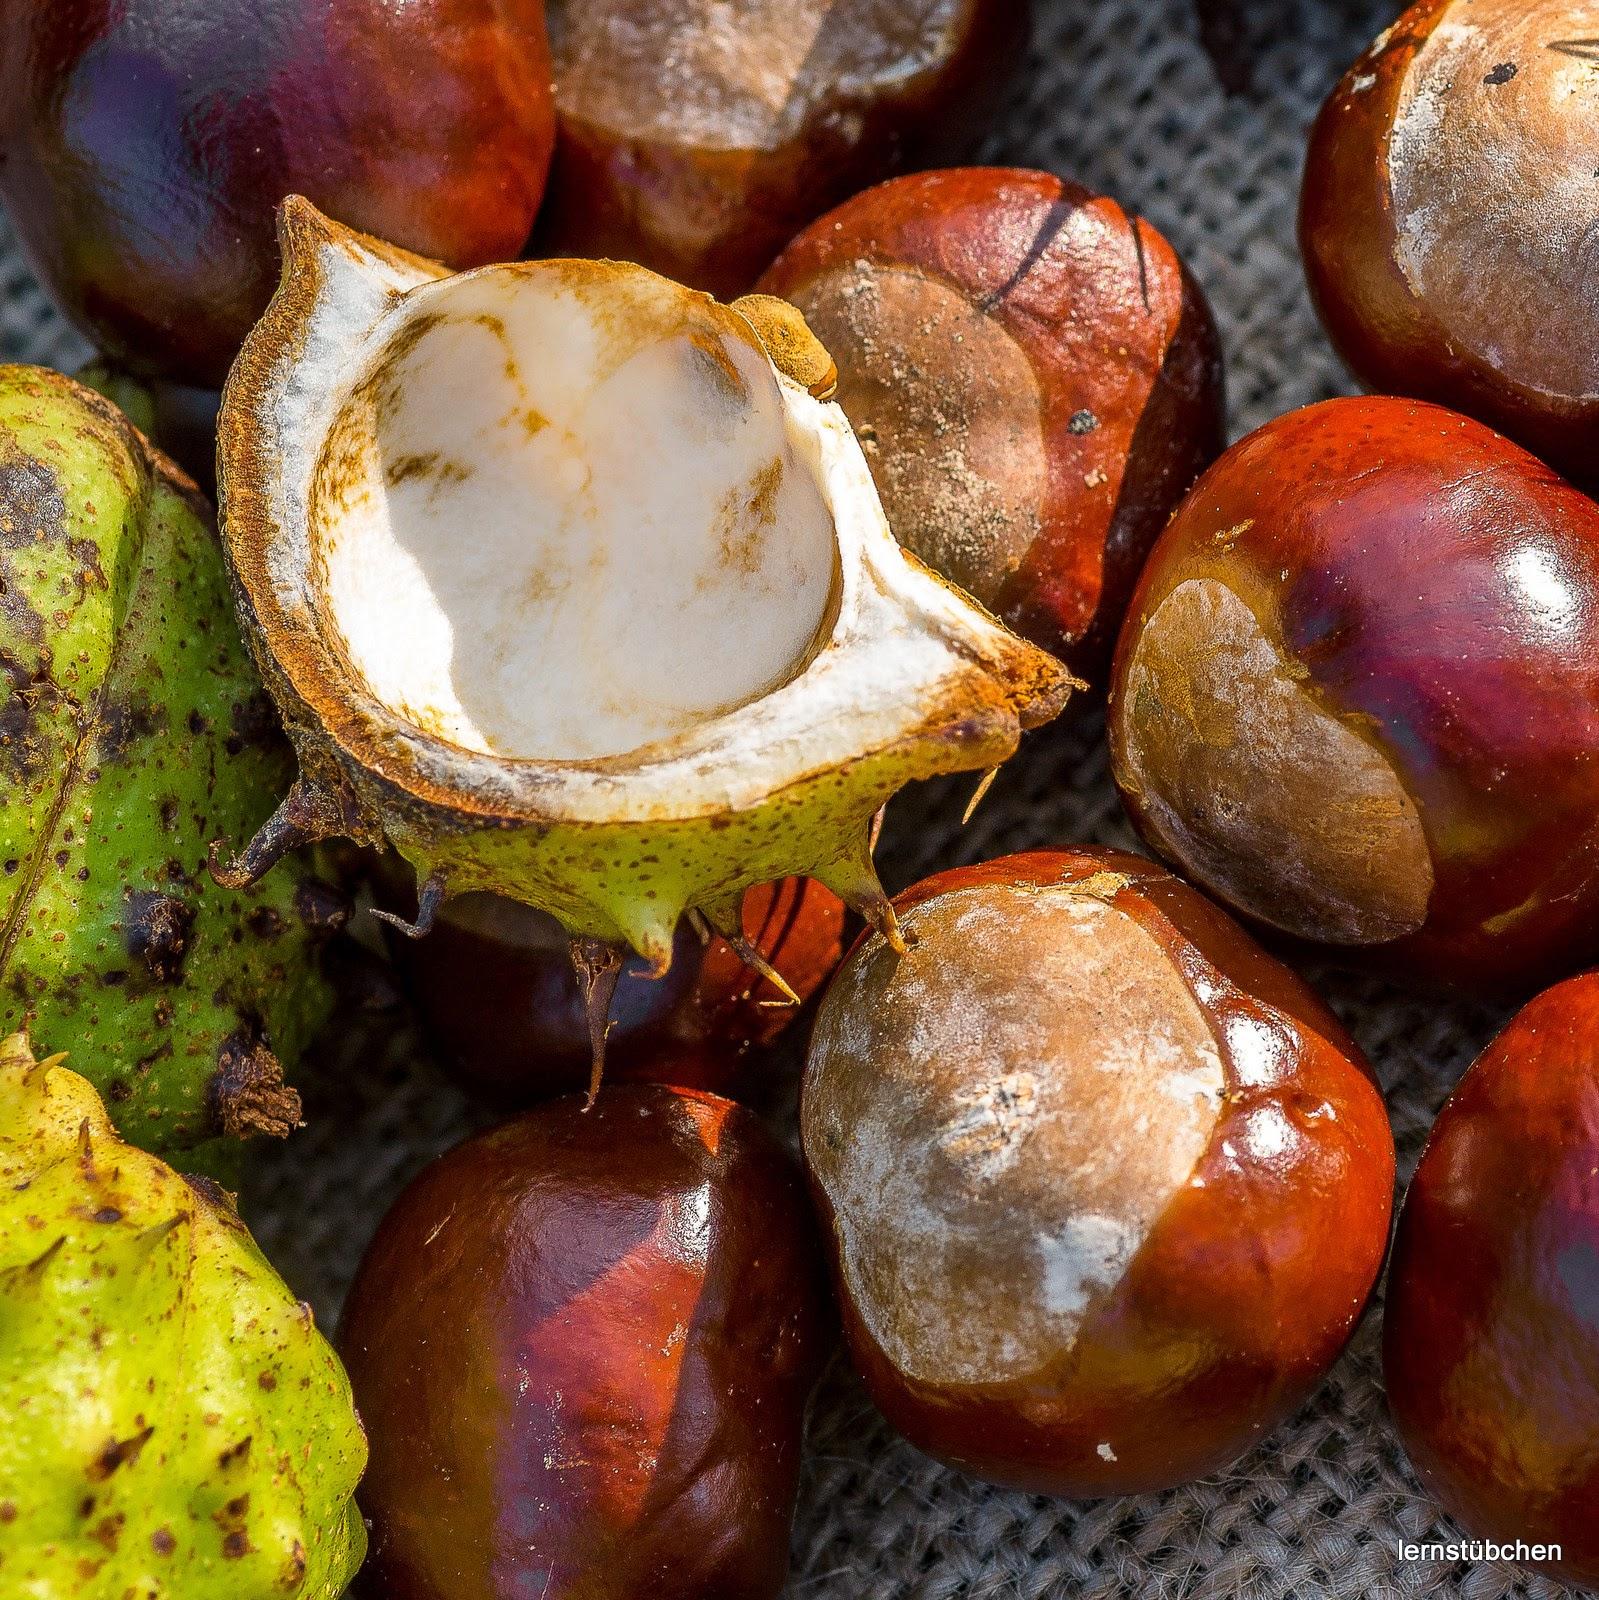 Lernstübchen: Äpfel oder Kastanien im Sachunterricht